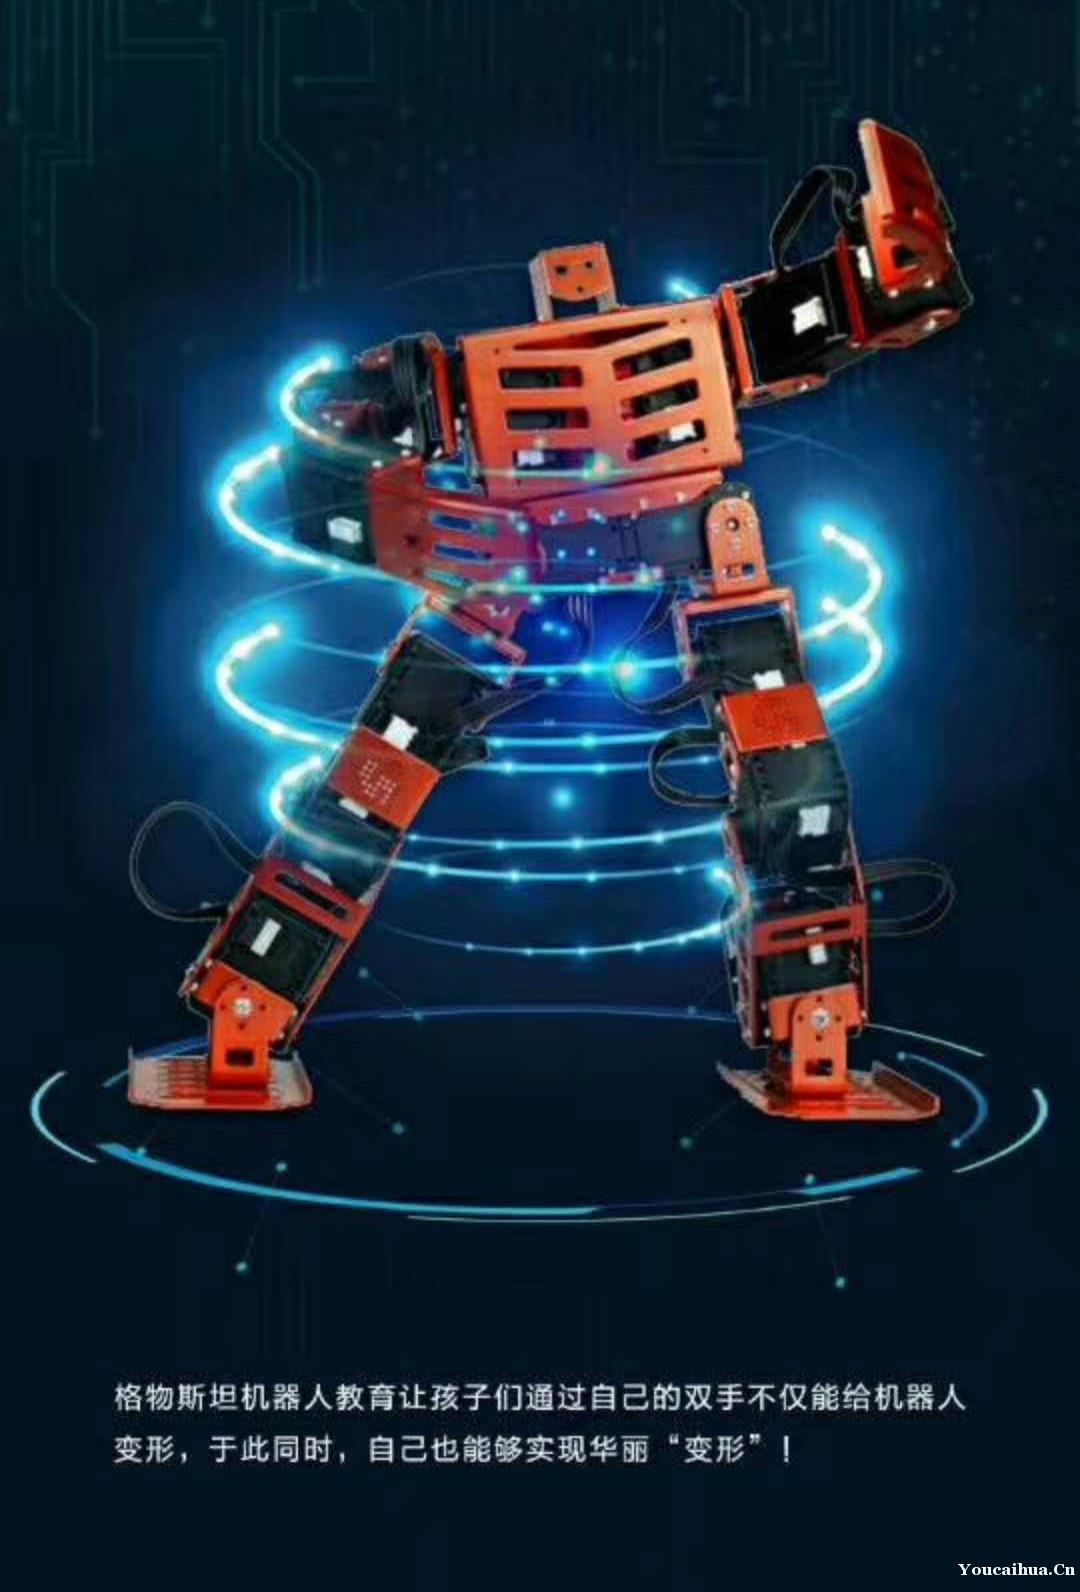 西湖格物斯坦机器人培训 Maker仿生机器人系列培训三墩中心